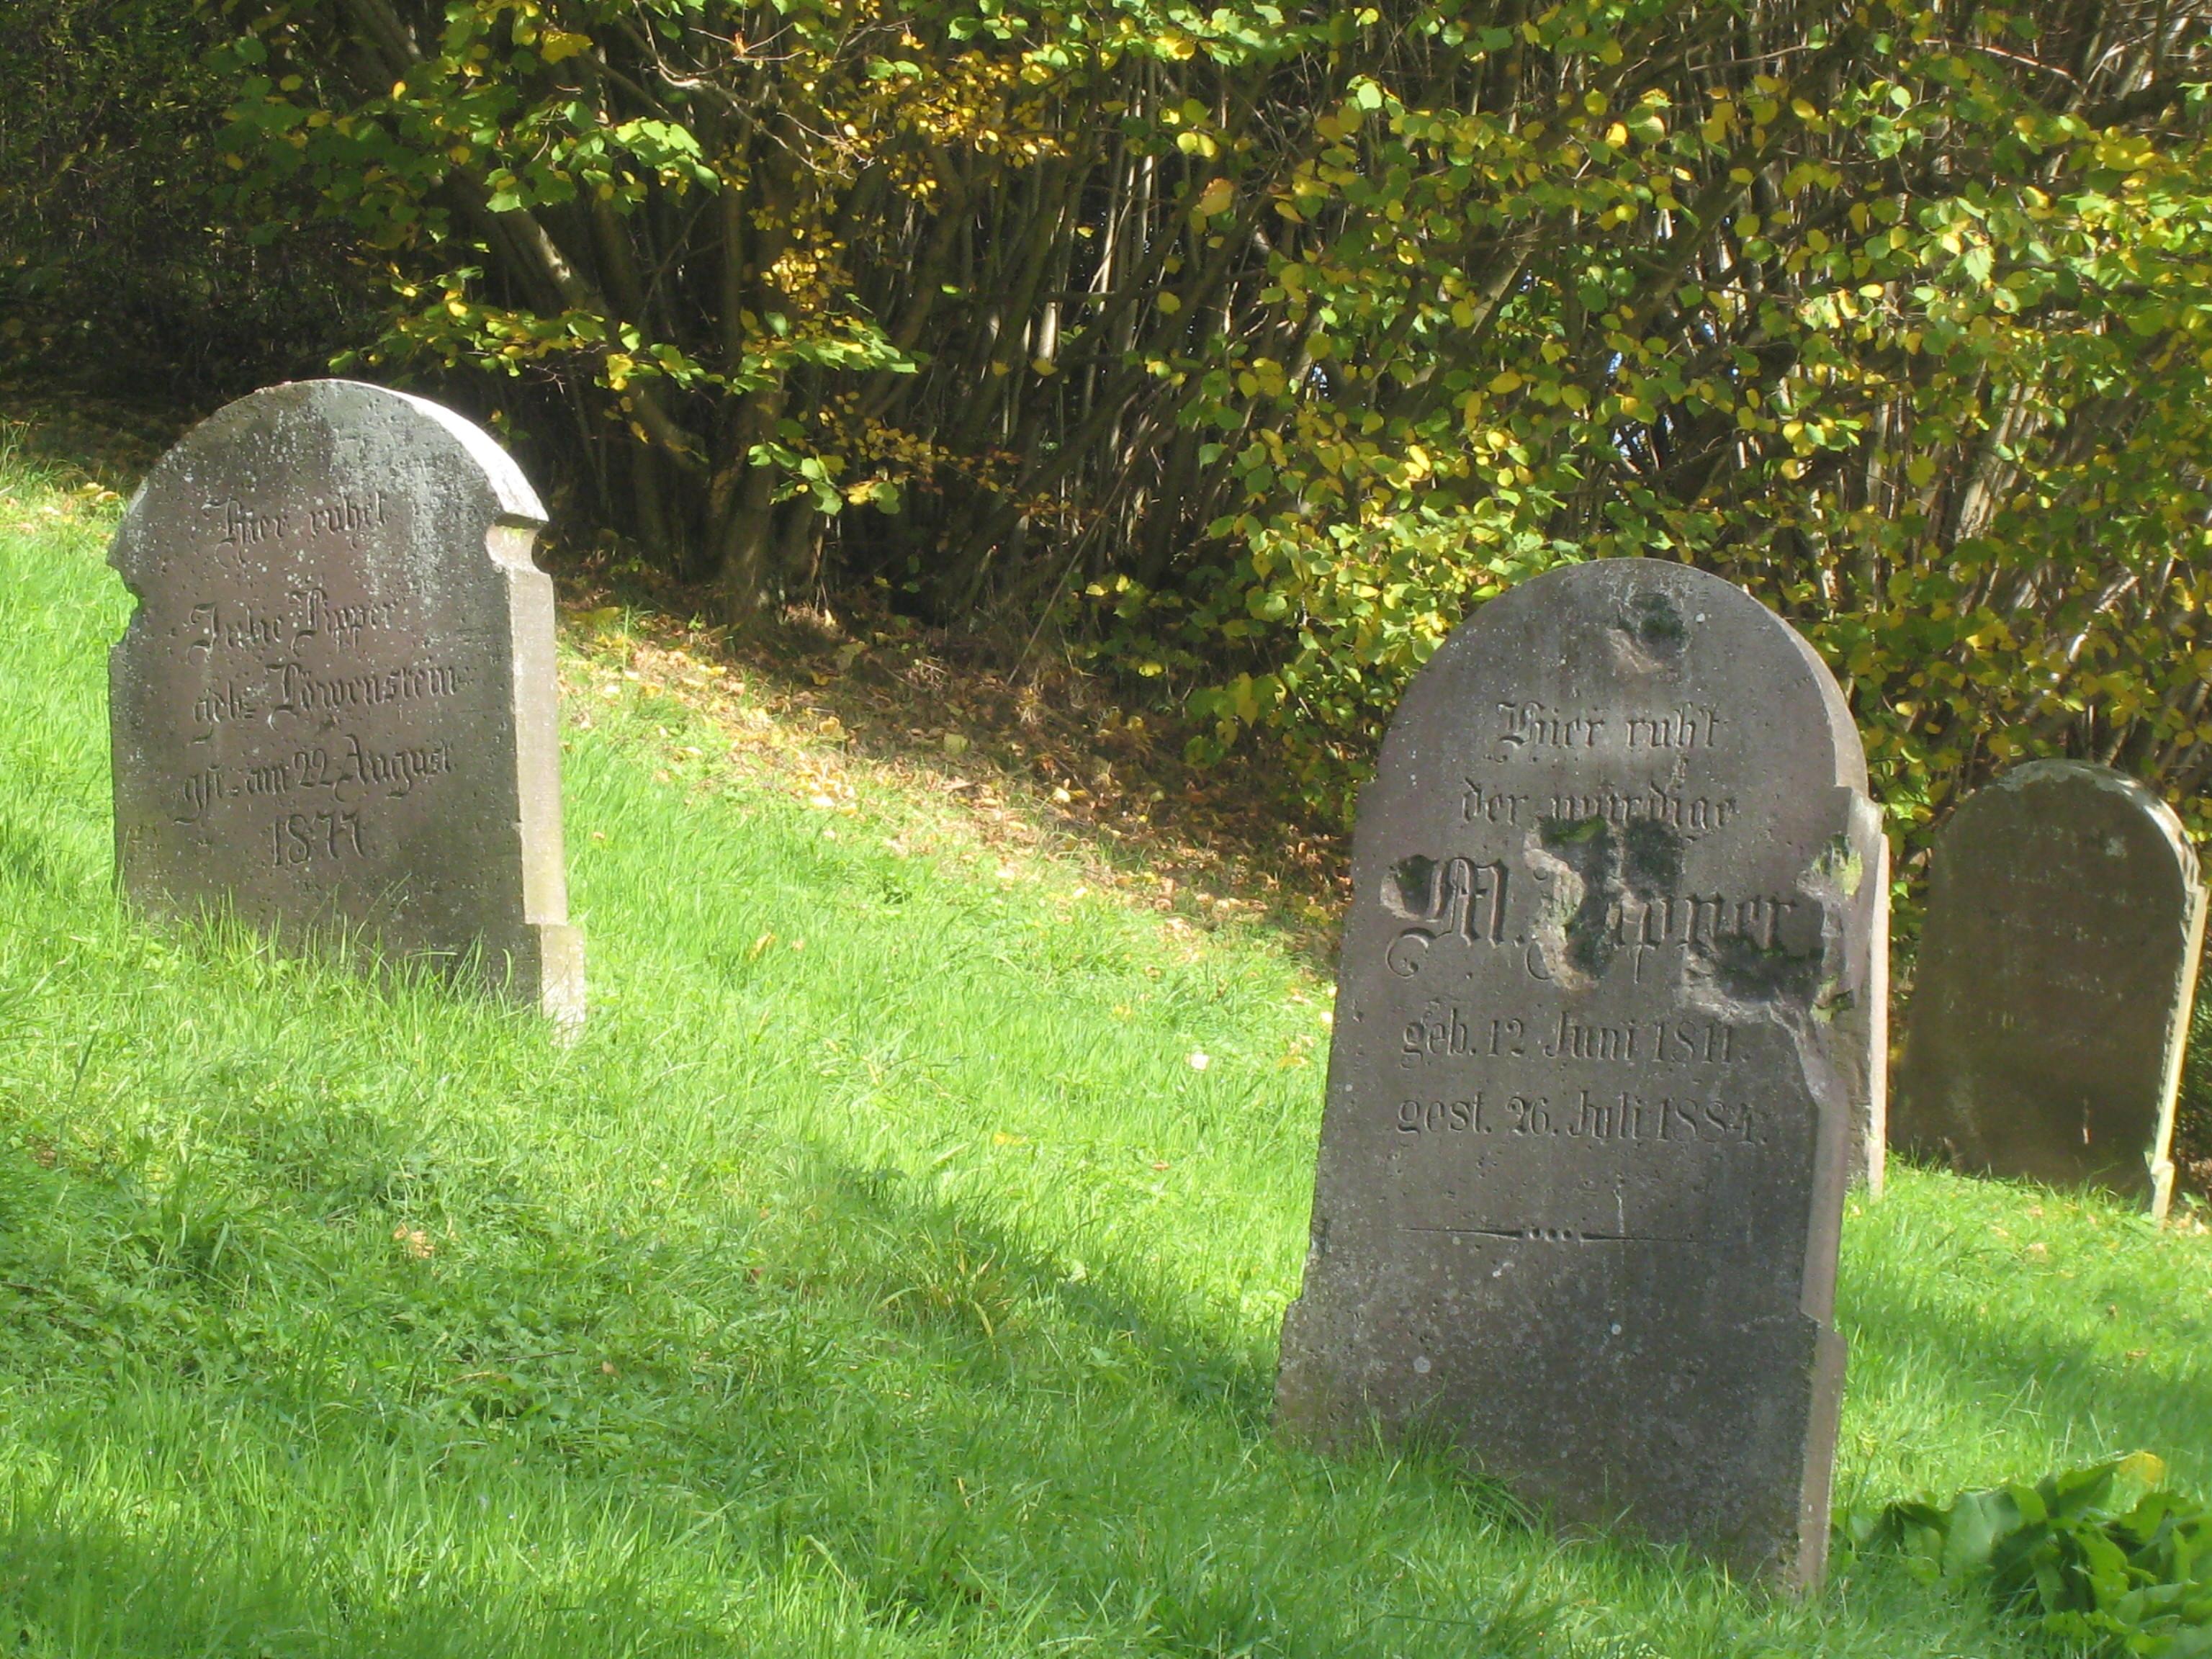 Ehemaliger jüdischer Friedhof